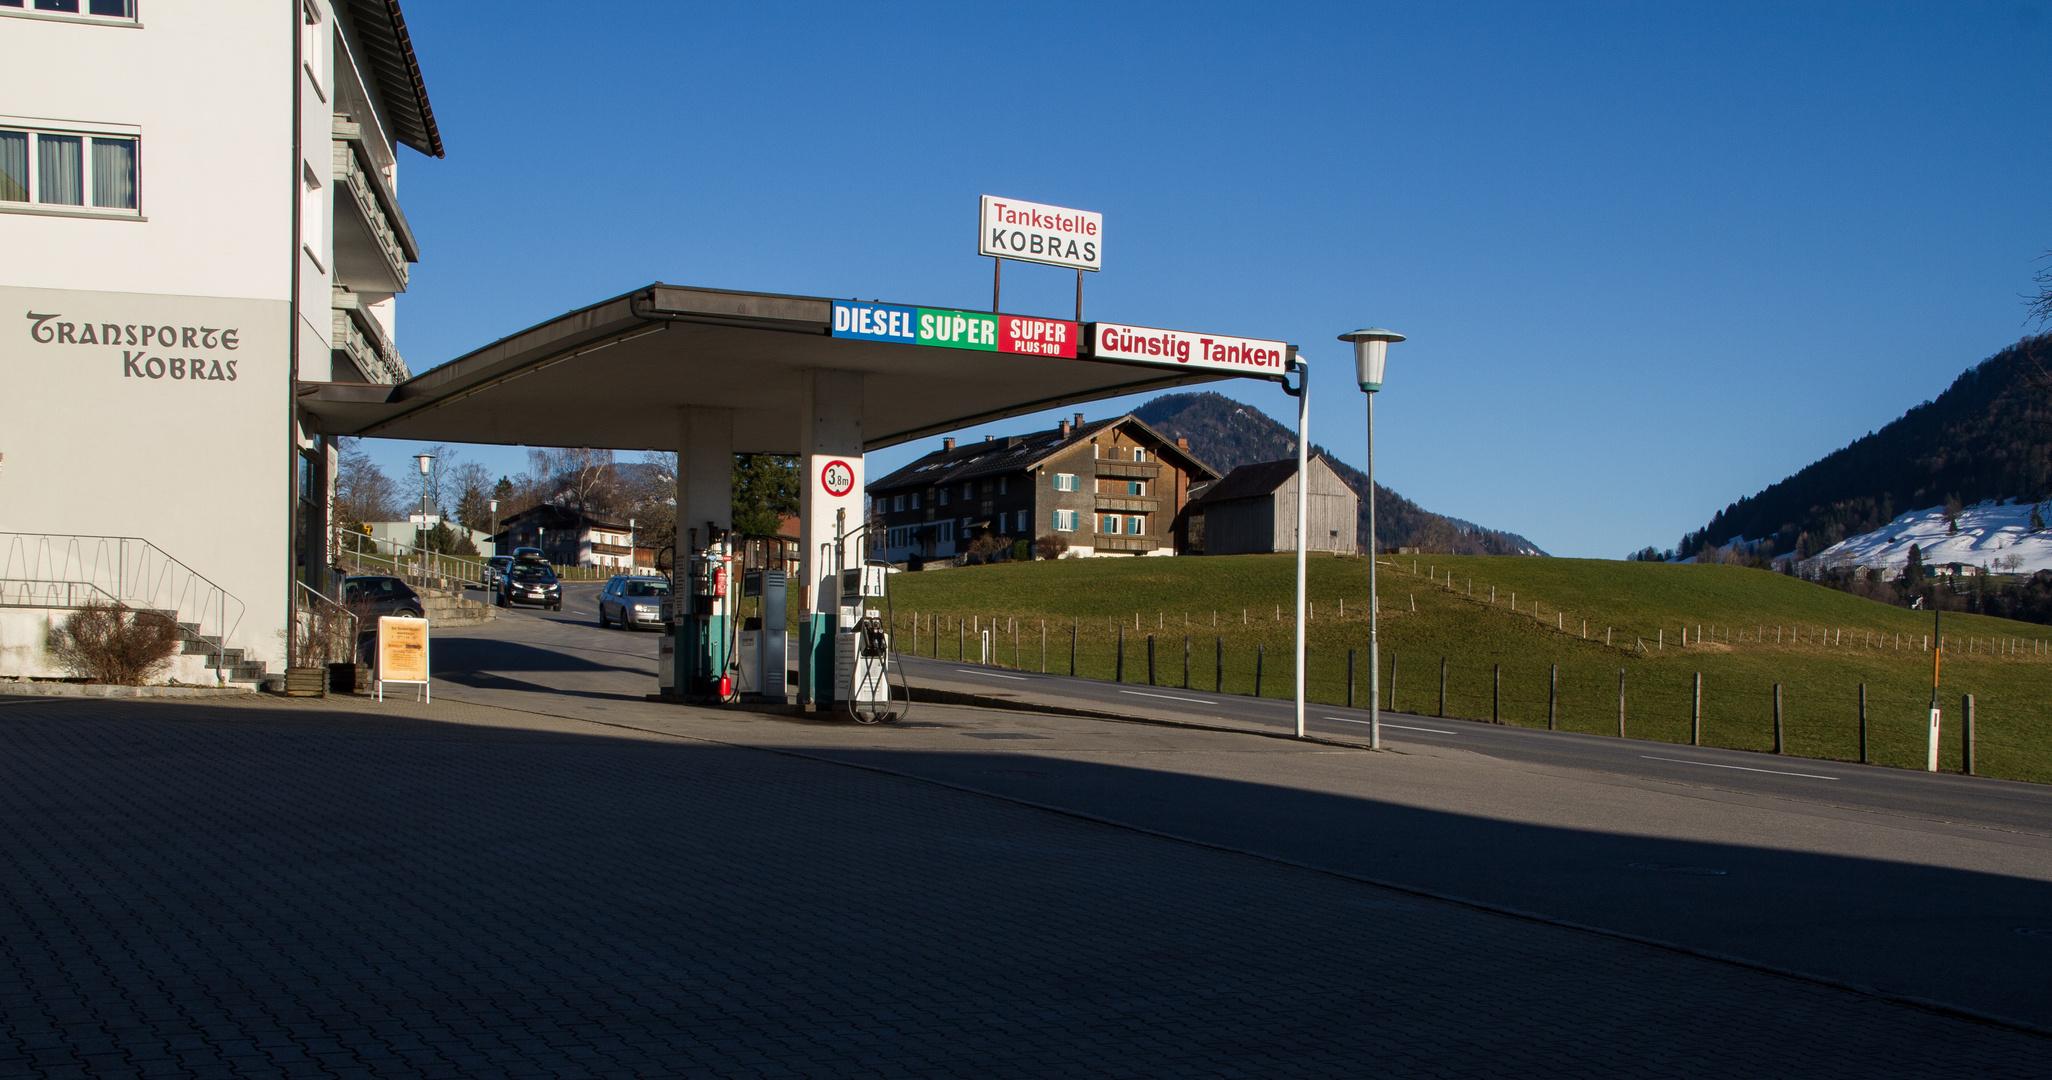 Alpenidyll mit Tankstelle